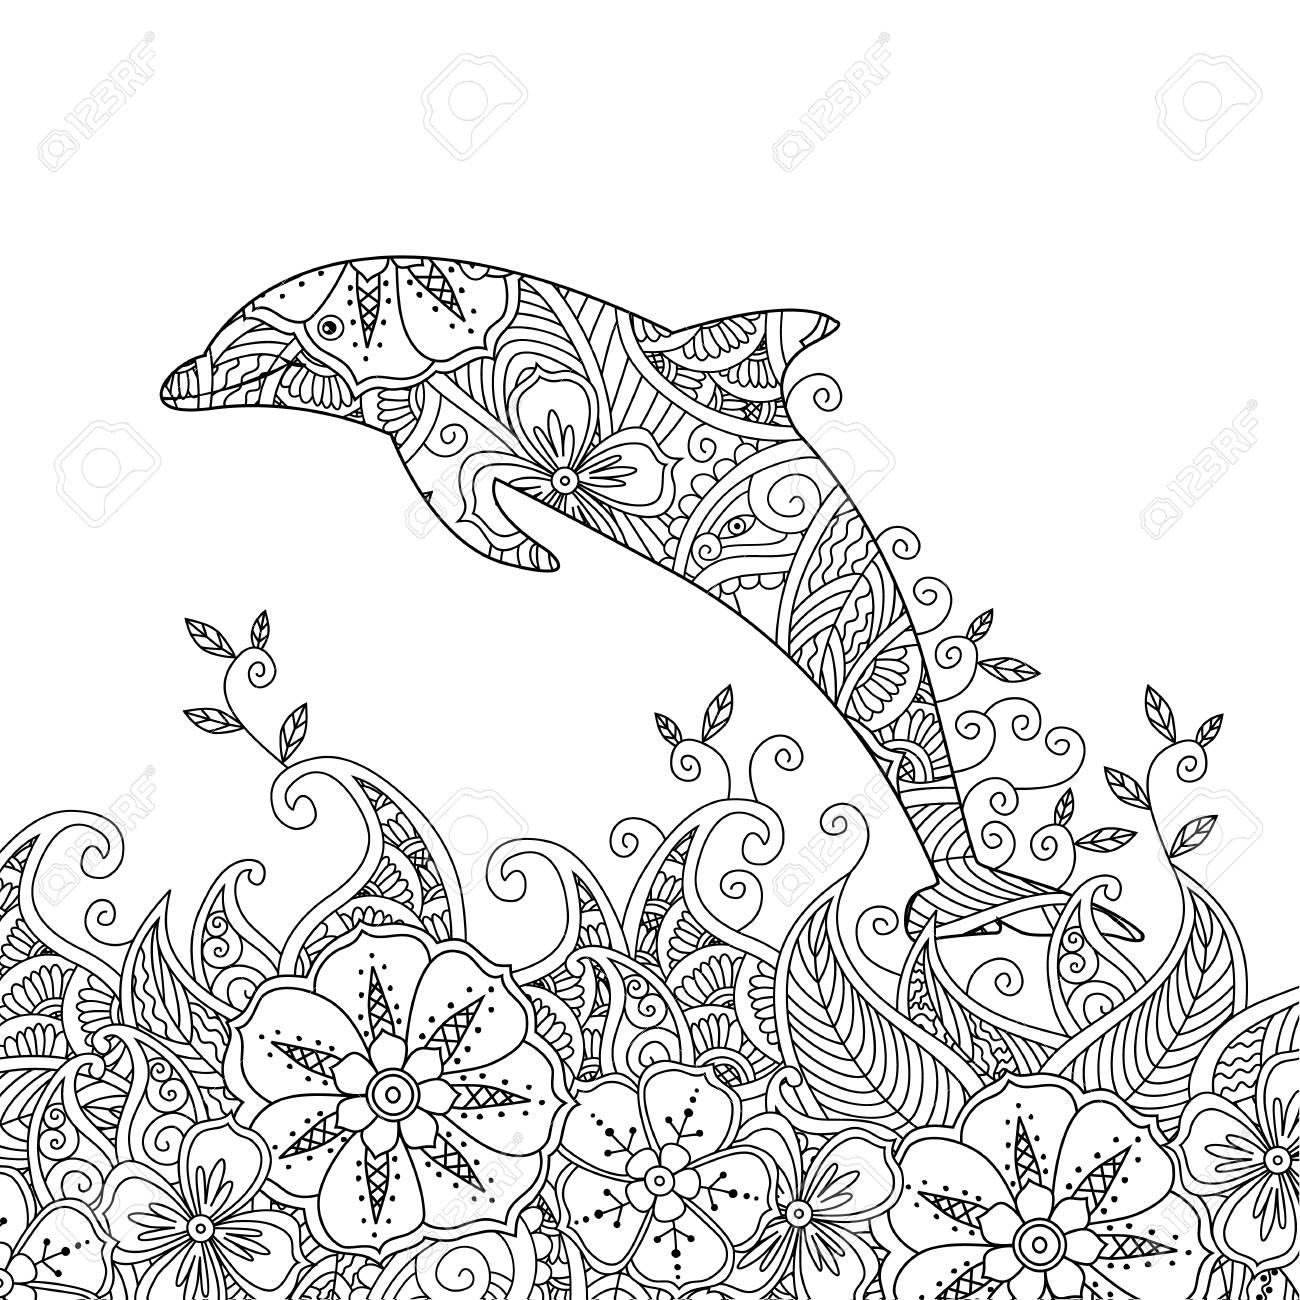 Página Para Colorear Con Un Delfín Saltando En El Mar. Composición ...